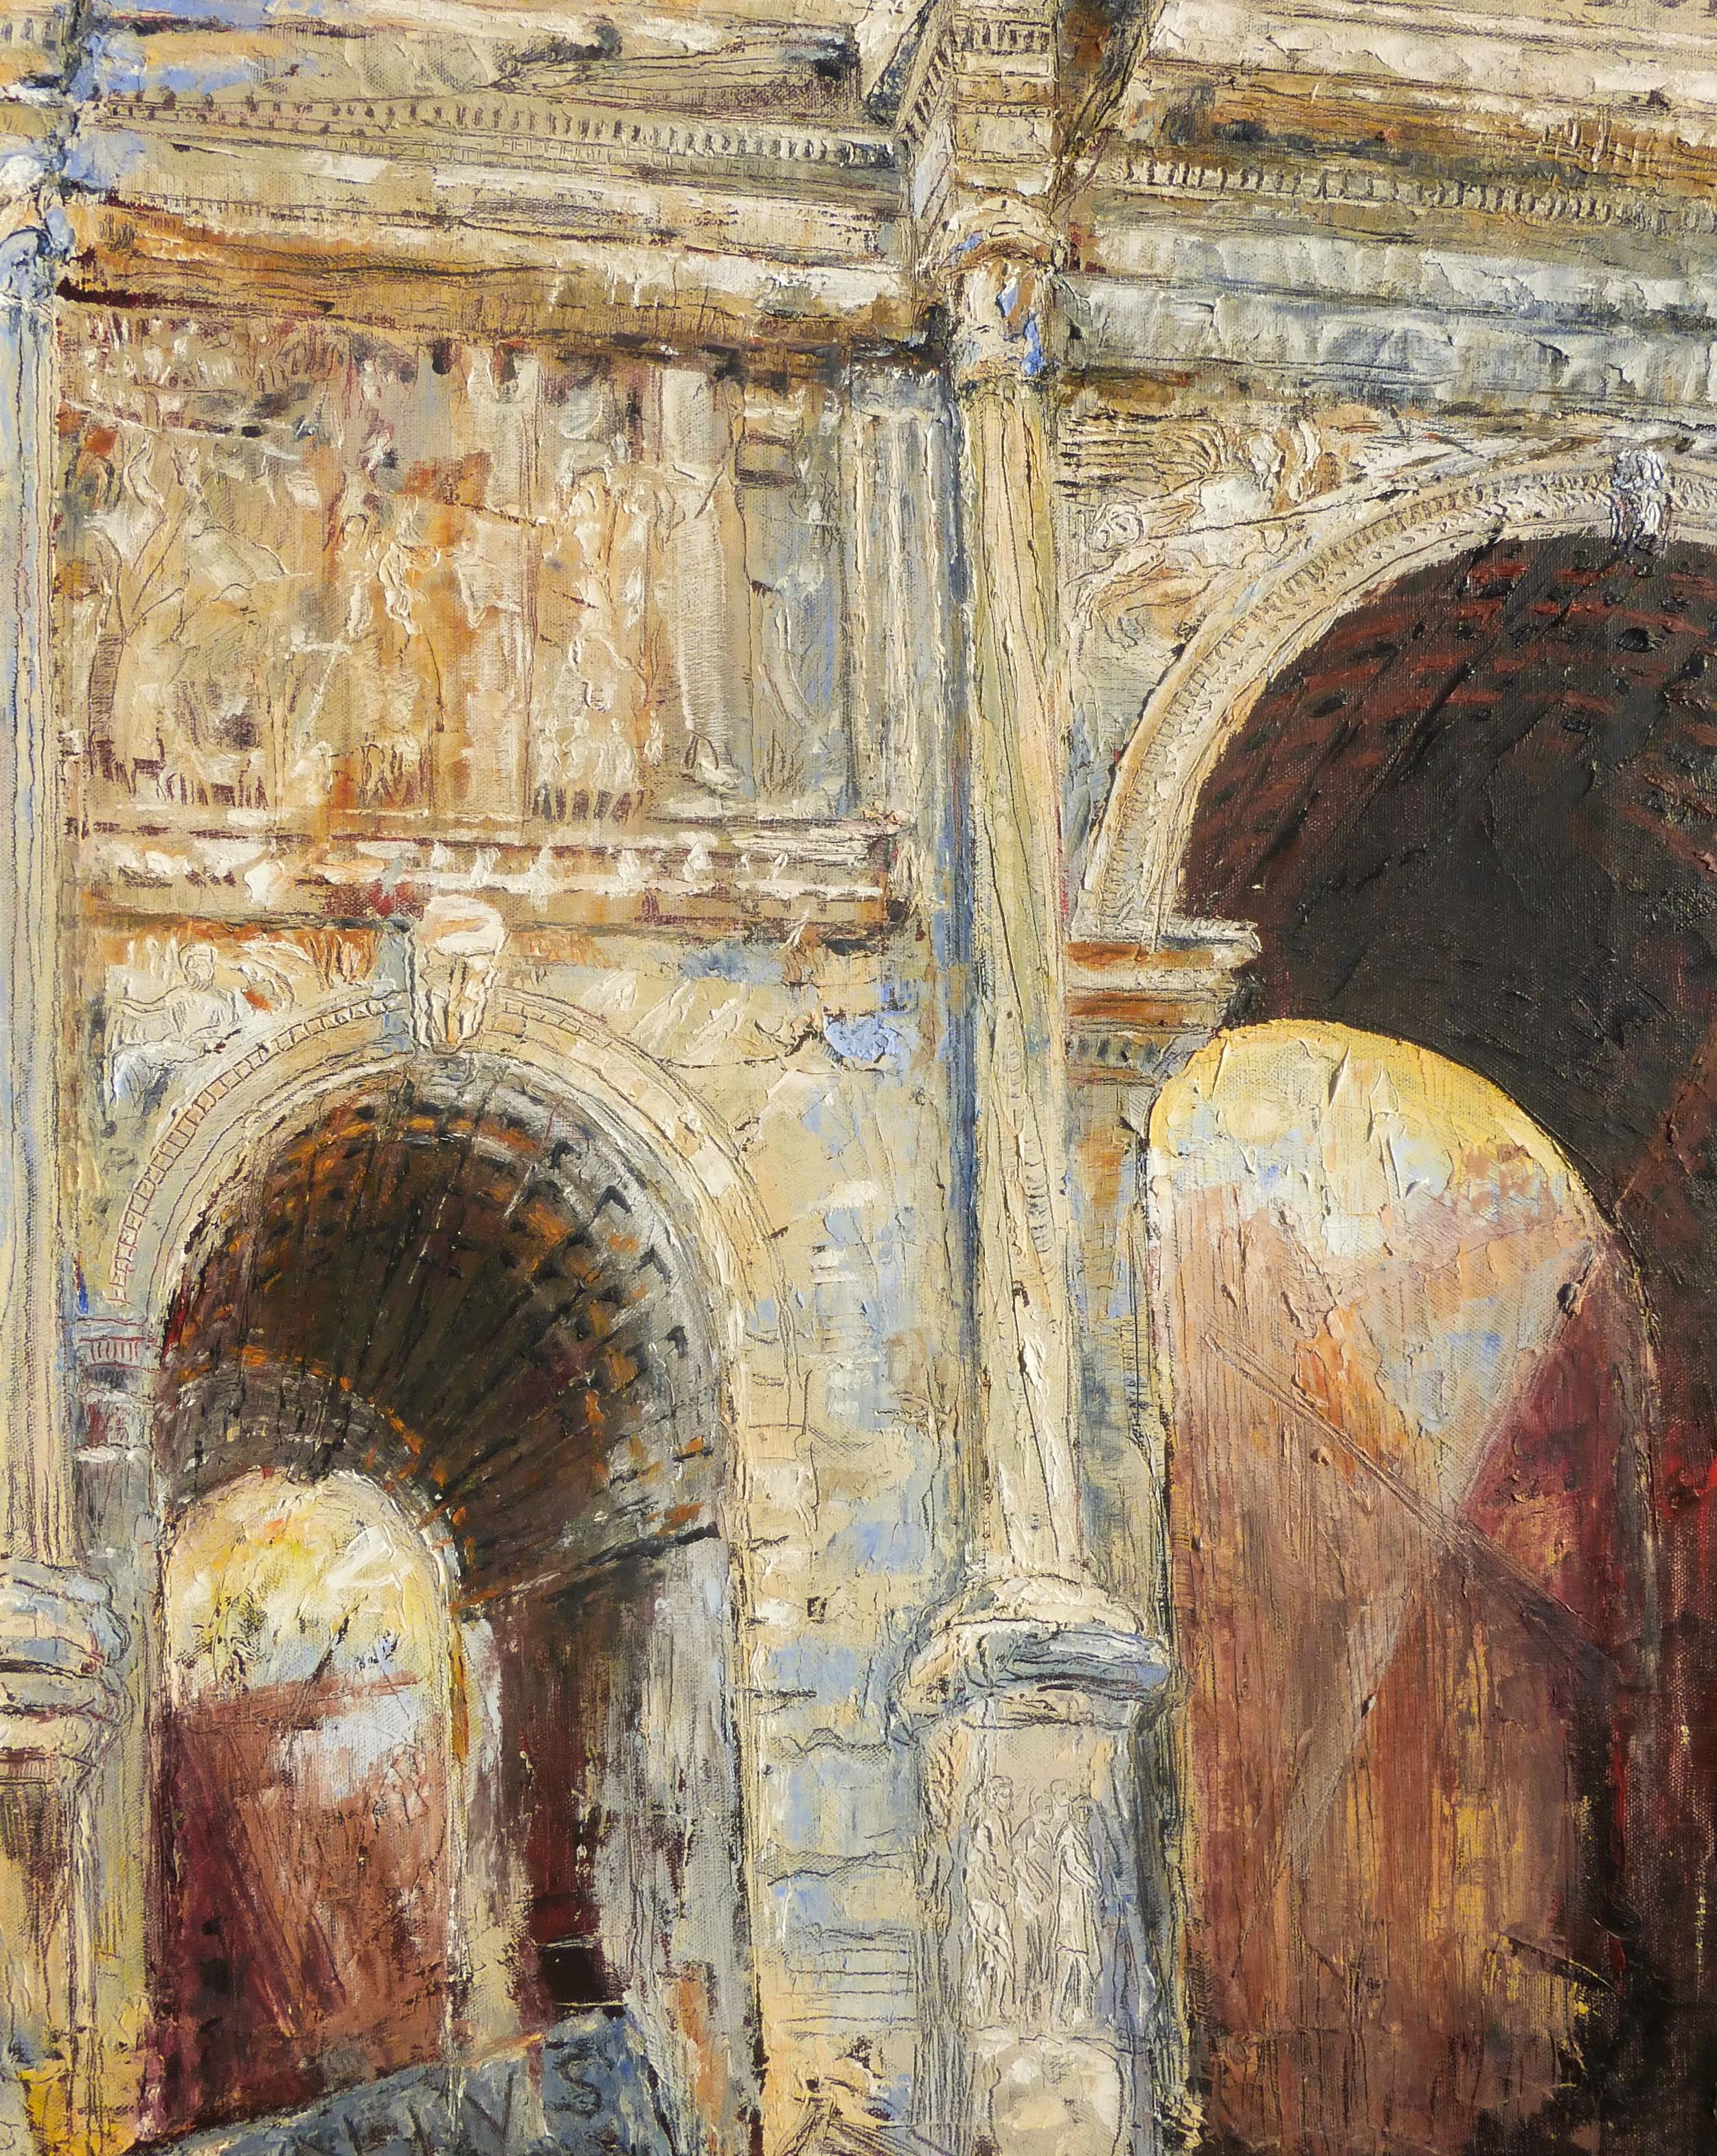 Arch of Septimius Severus, Forum, Rome, Oil on canvas, 65x54cm